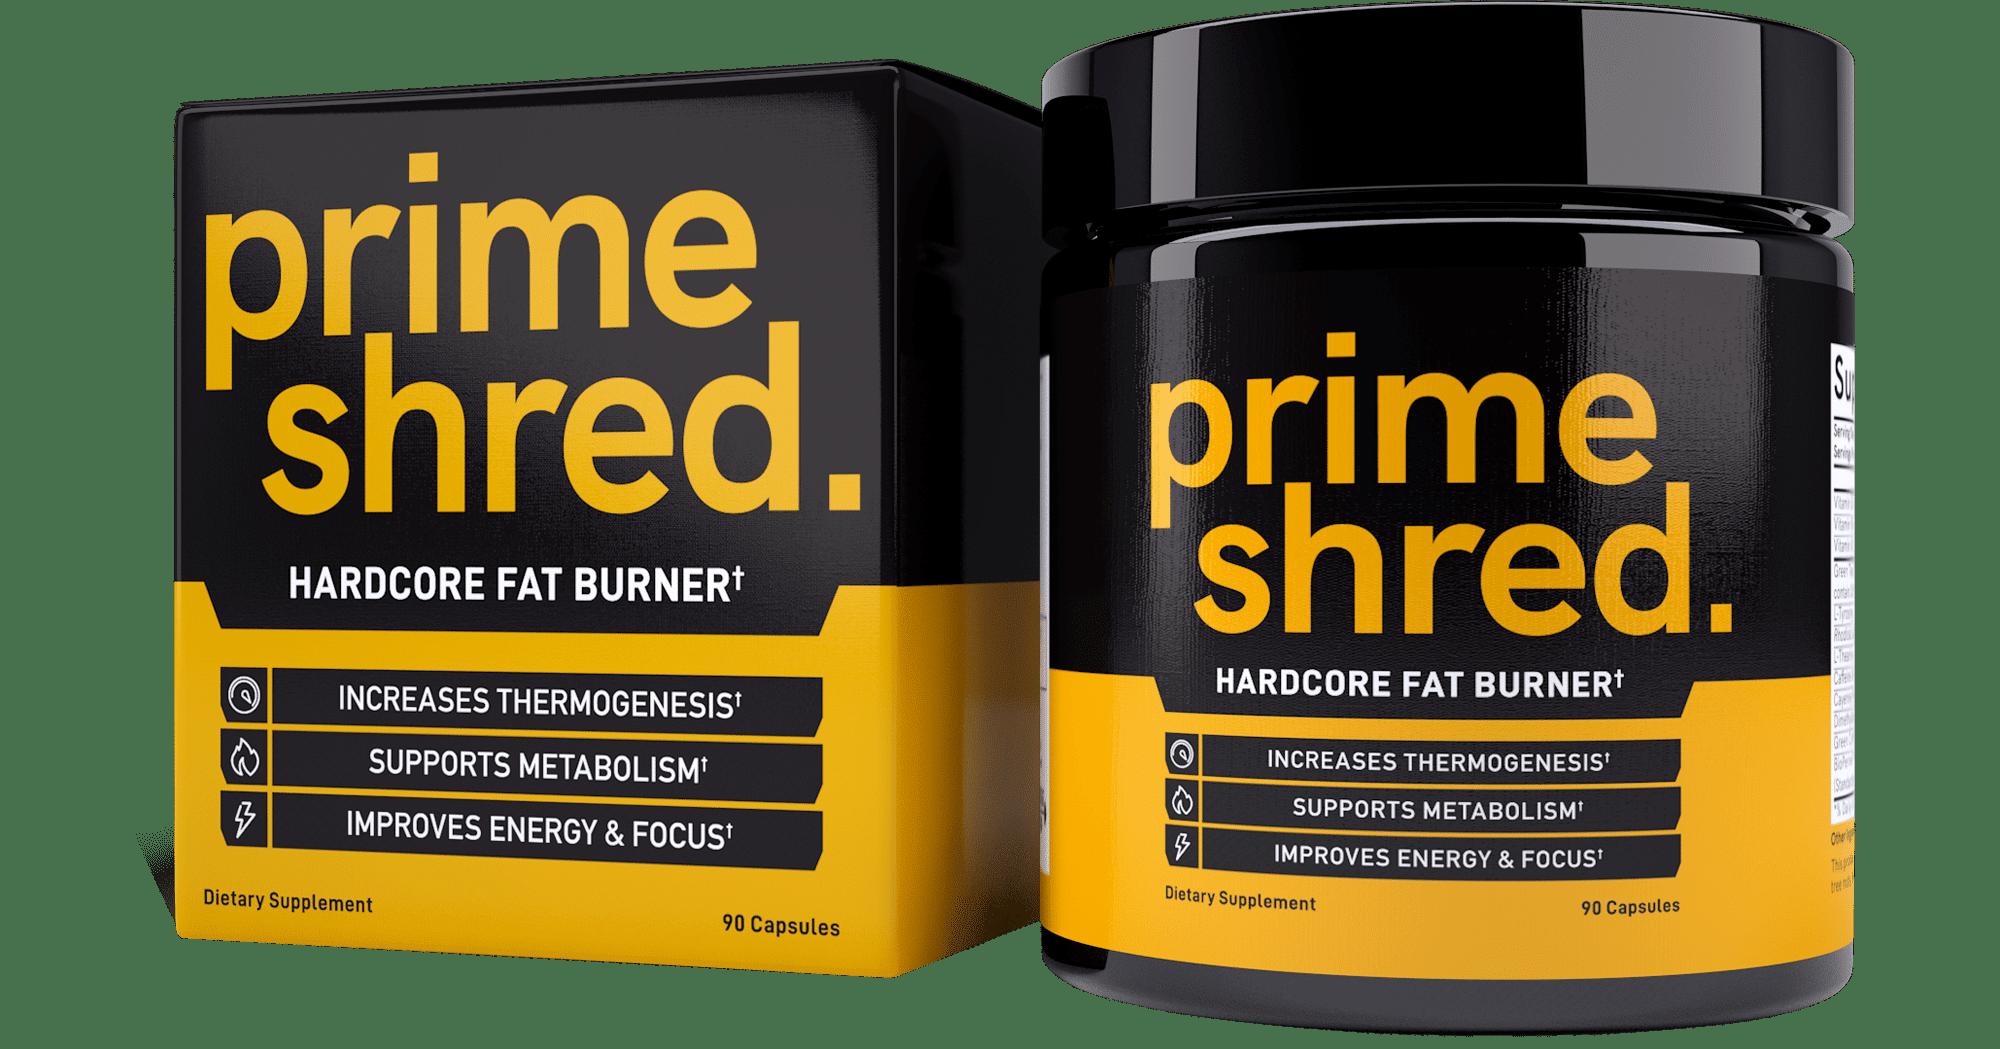 meilleur brûleur de graisse en Irlande 40 ans perdent du poids